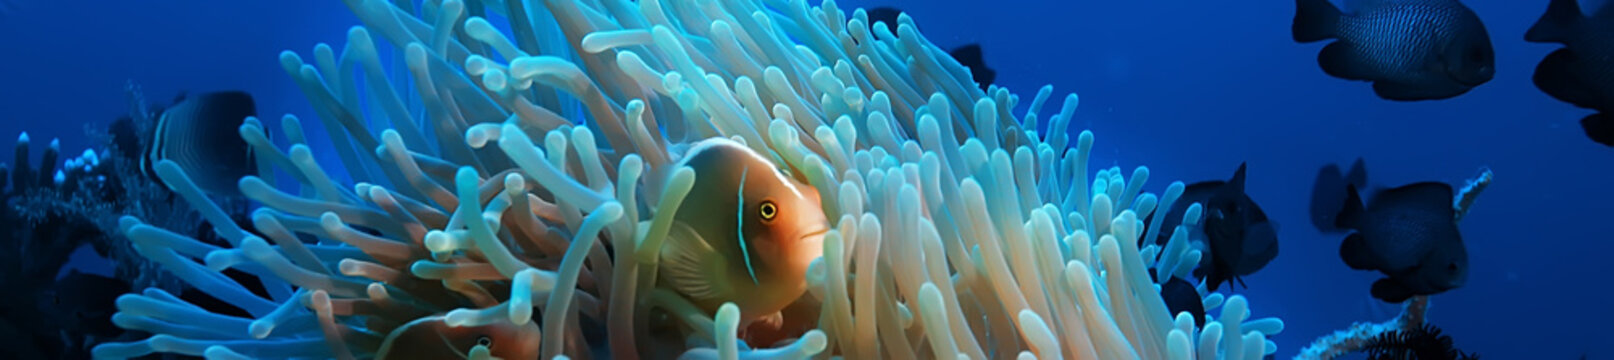 underwater scene / coral reef, world ocean wildlife landscape